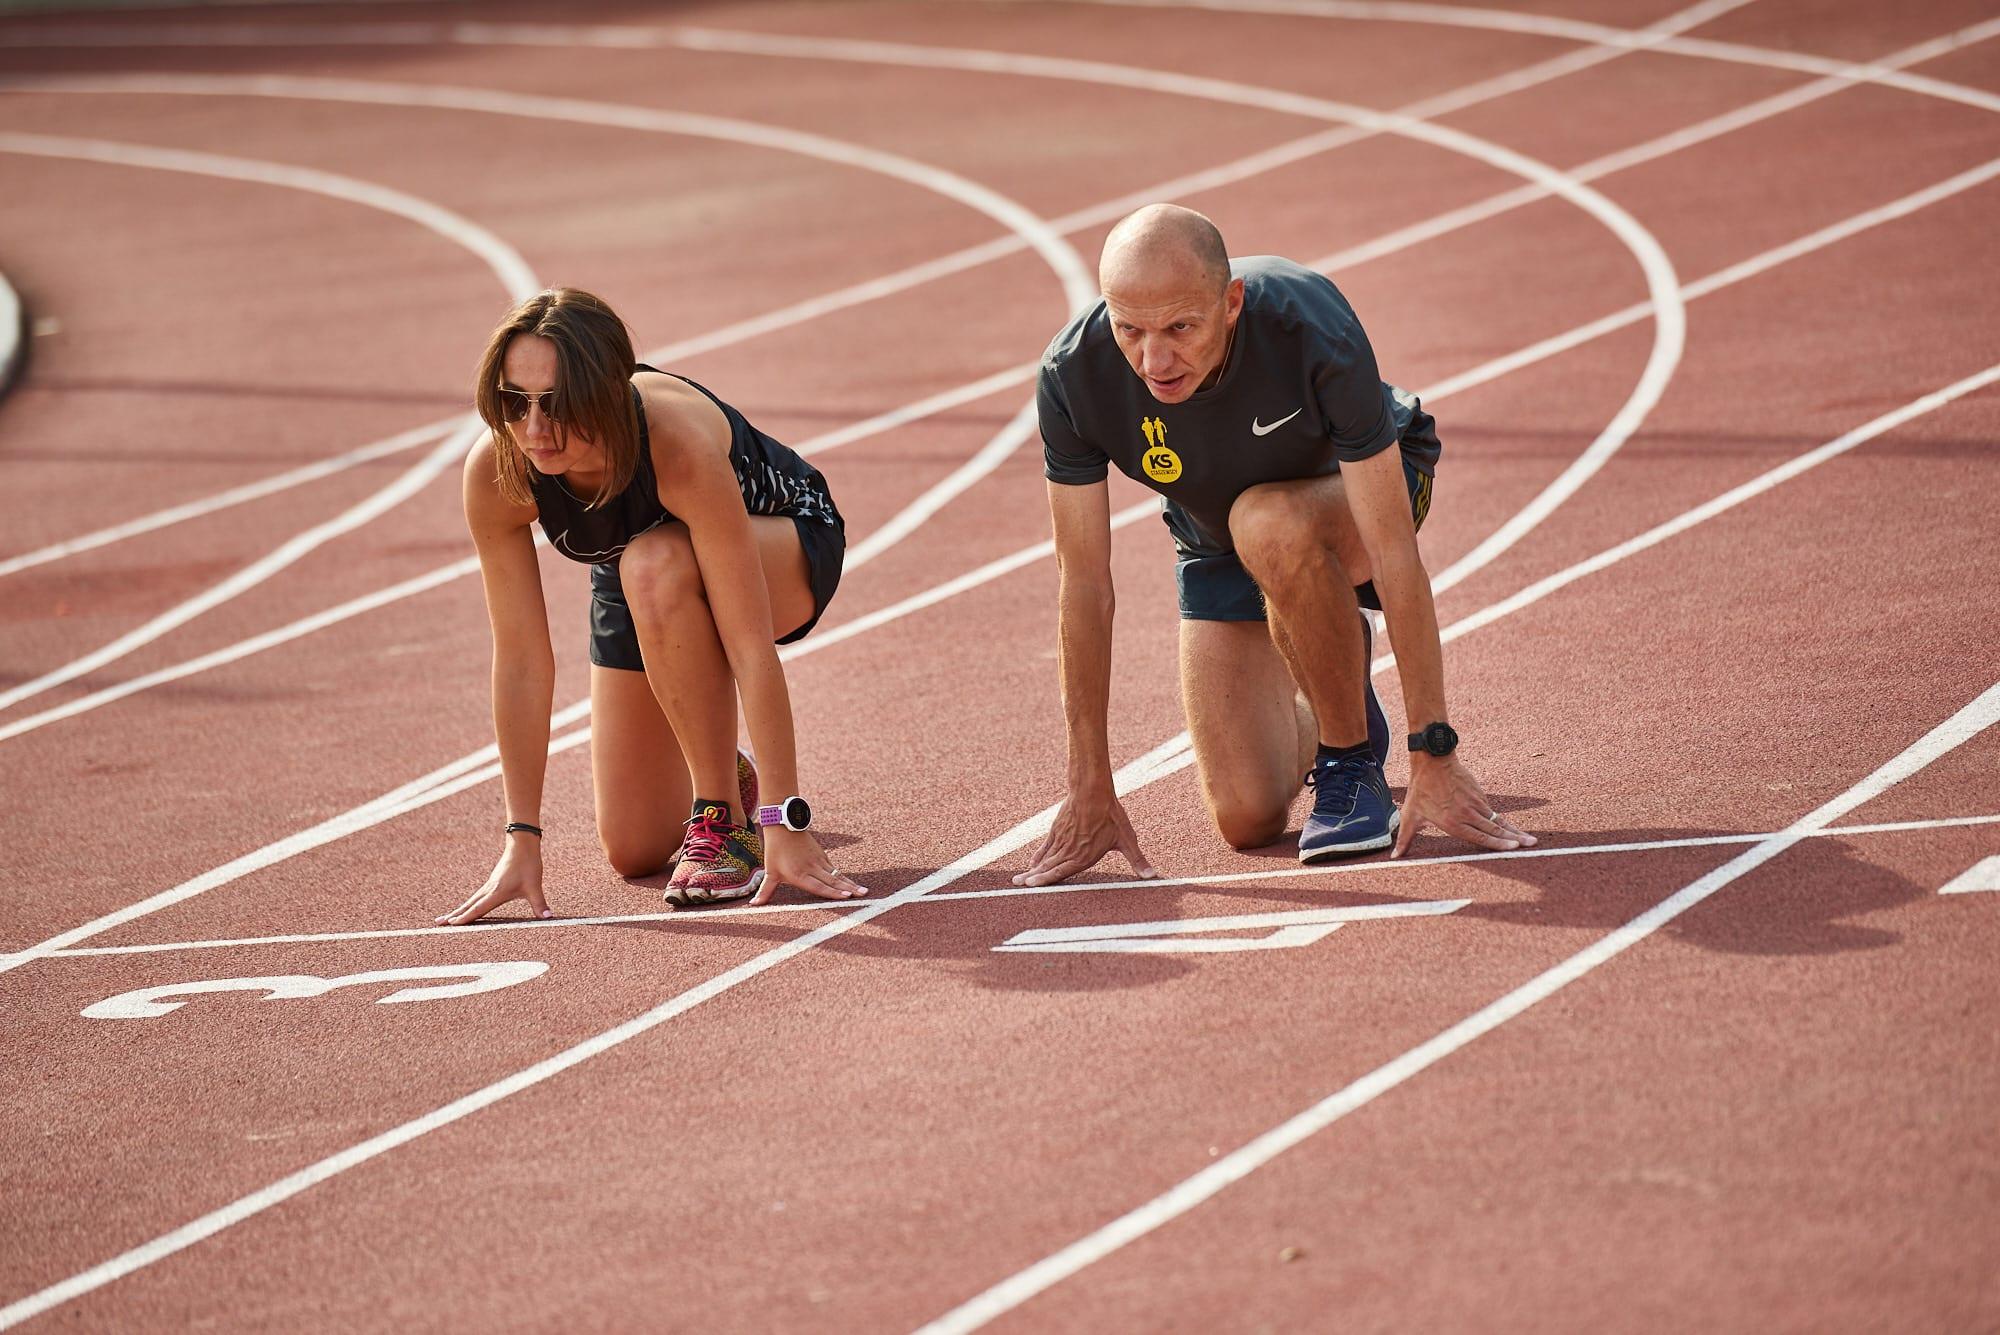 kobieta i mężczyzna przygotowują się do biegu na bieżni tartanowej